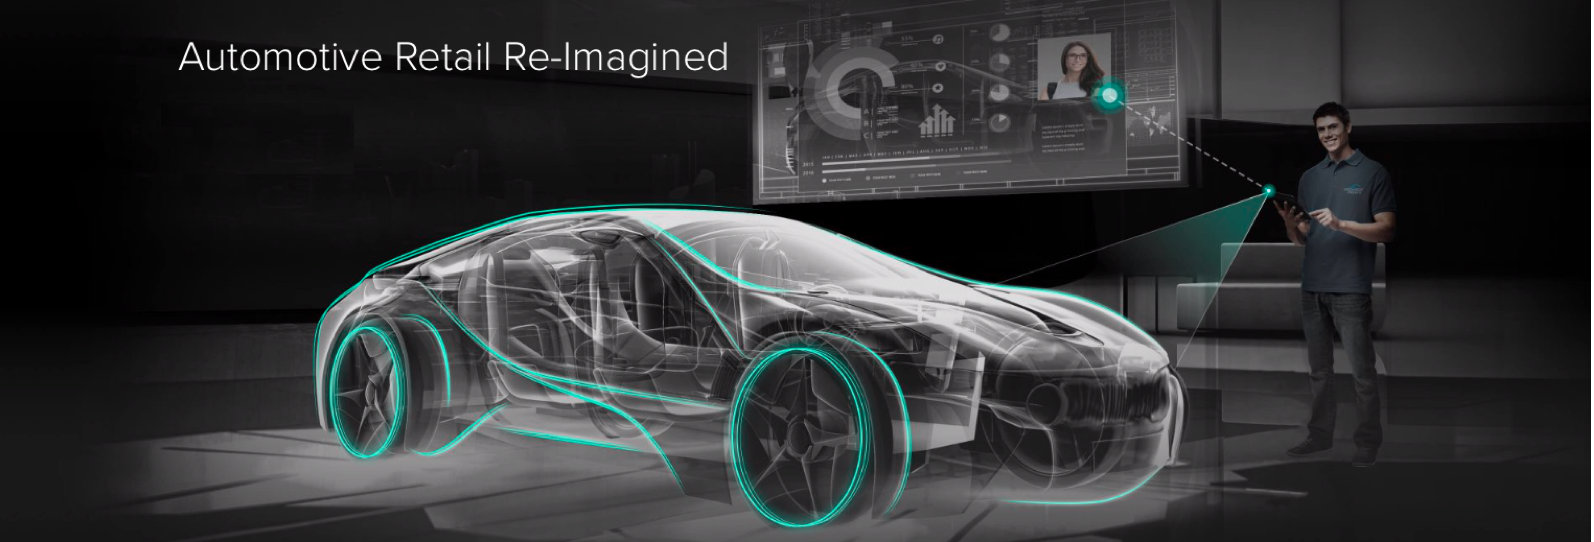 Alliance Ventures invierte en Tekion, una plataforma de próxima generación para la venta de autos al público